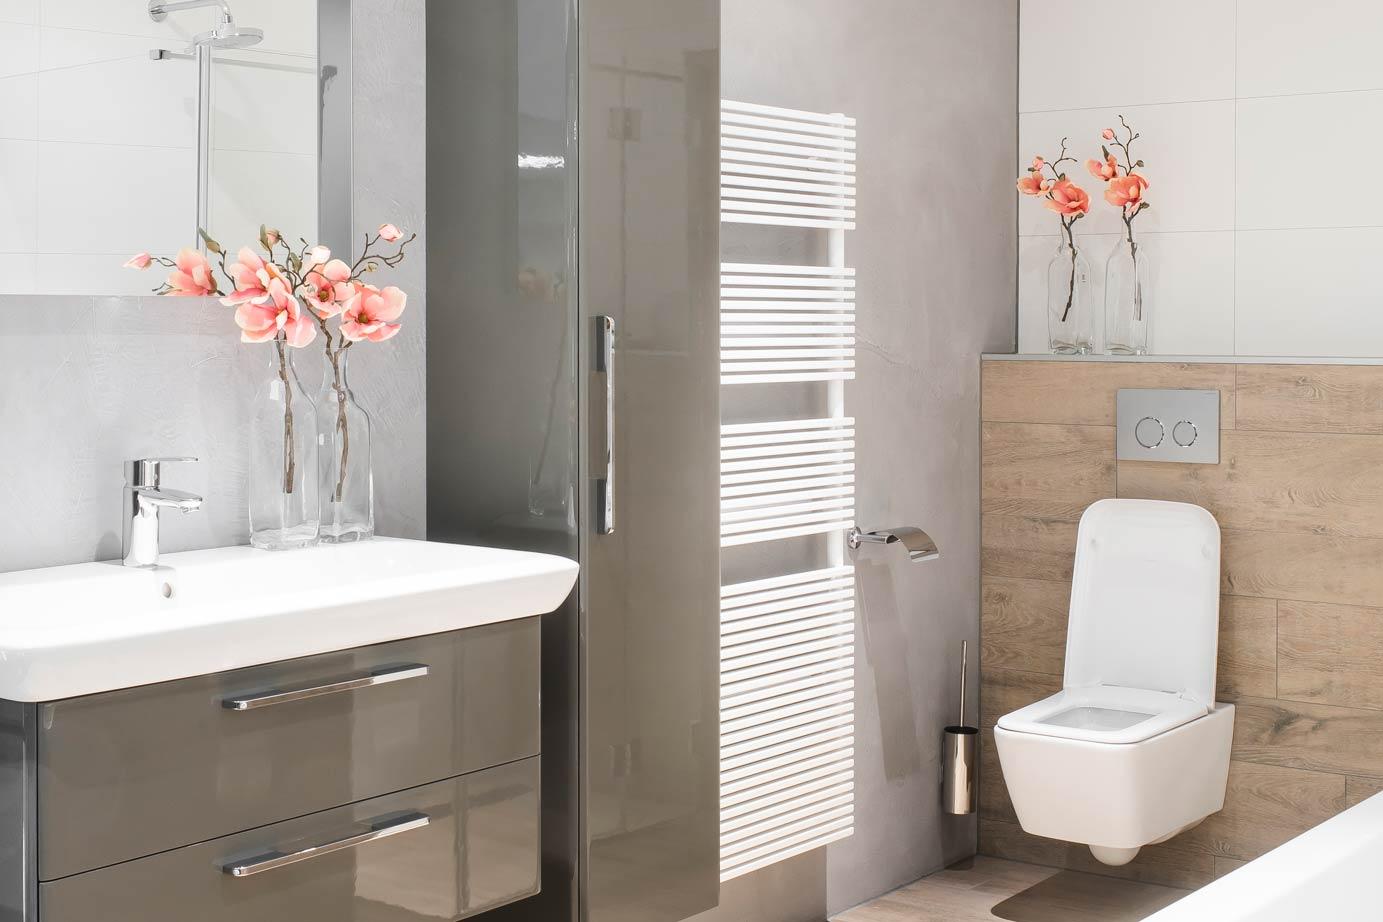 Keuken Badkamer Showroom : Badkamer kopen ruime keus vele stijlen en lage prijzen db keukens